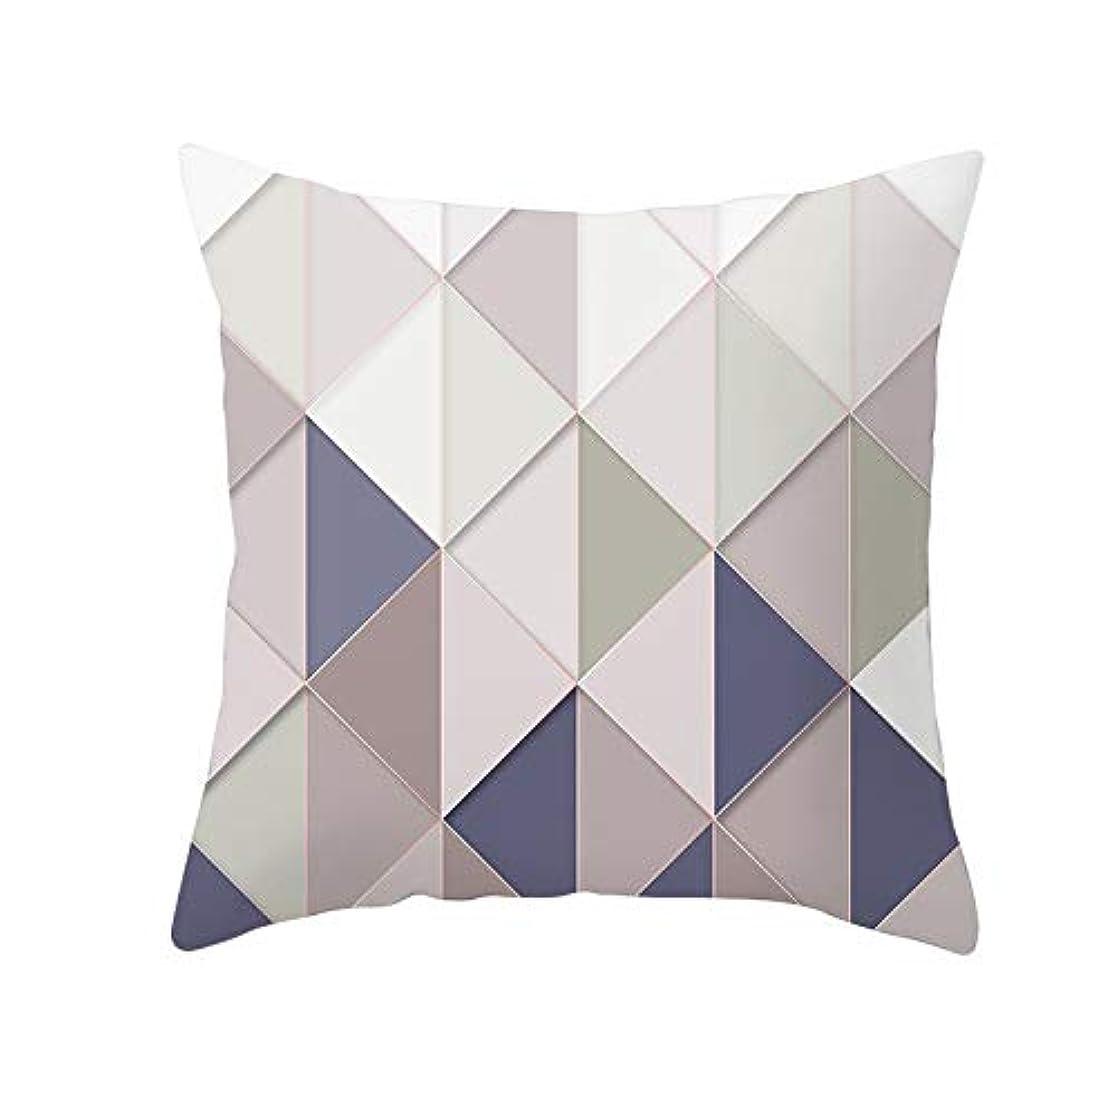 有料膨張する絶え間ないLIFE 装飾クッションソファ 幾何学プリントポリエステル正方形の枕ソファスロークッション家の装飾 coussin デ長椅子 クッション 椅子